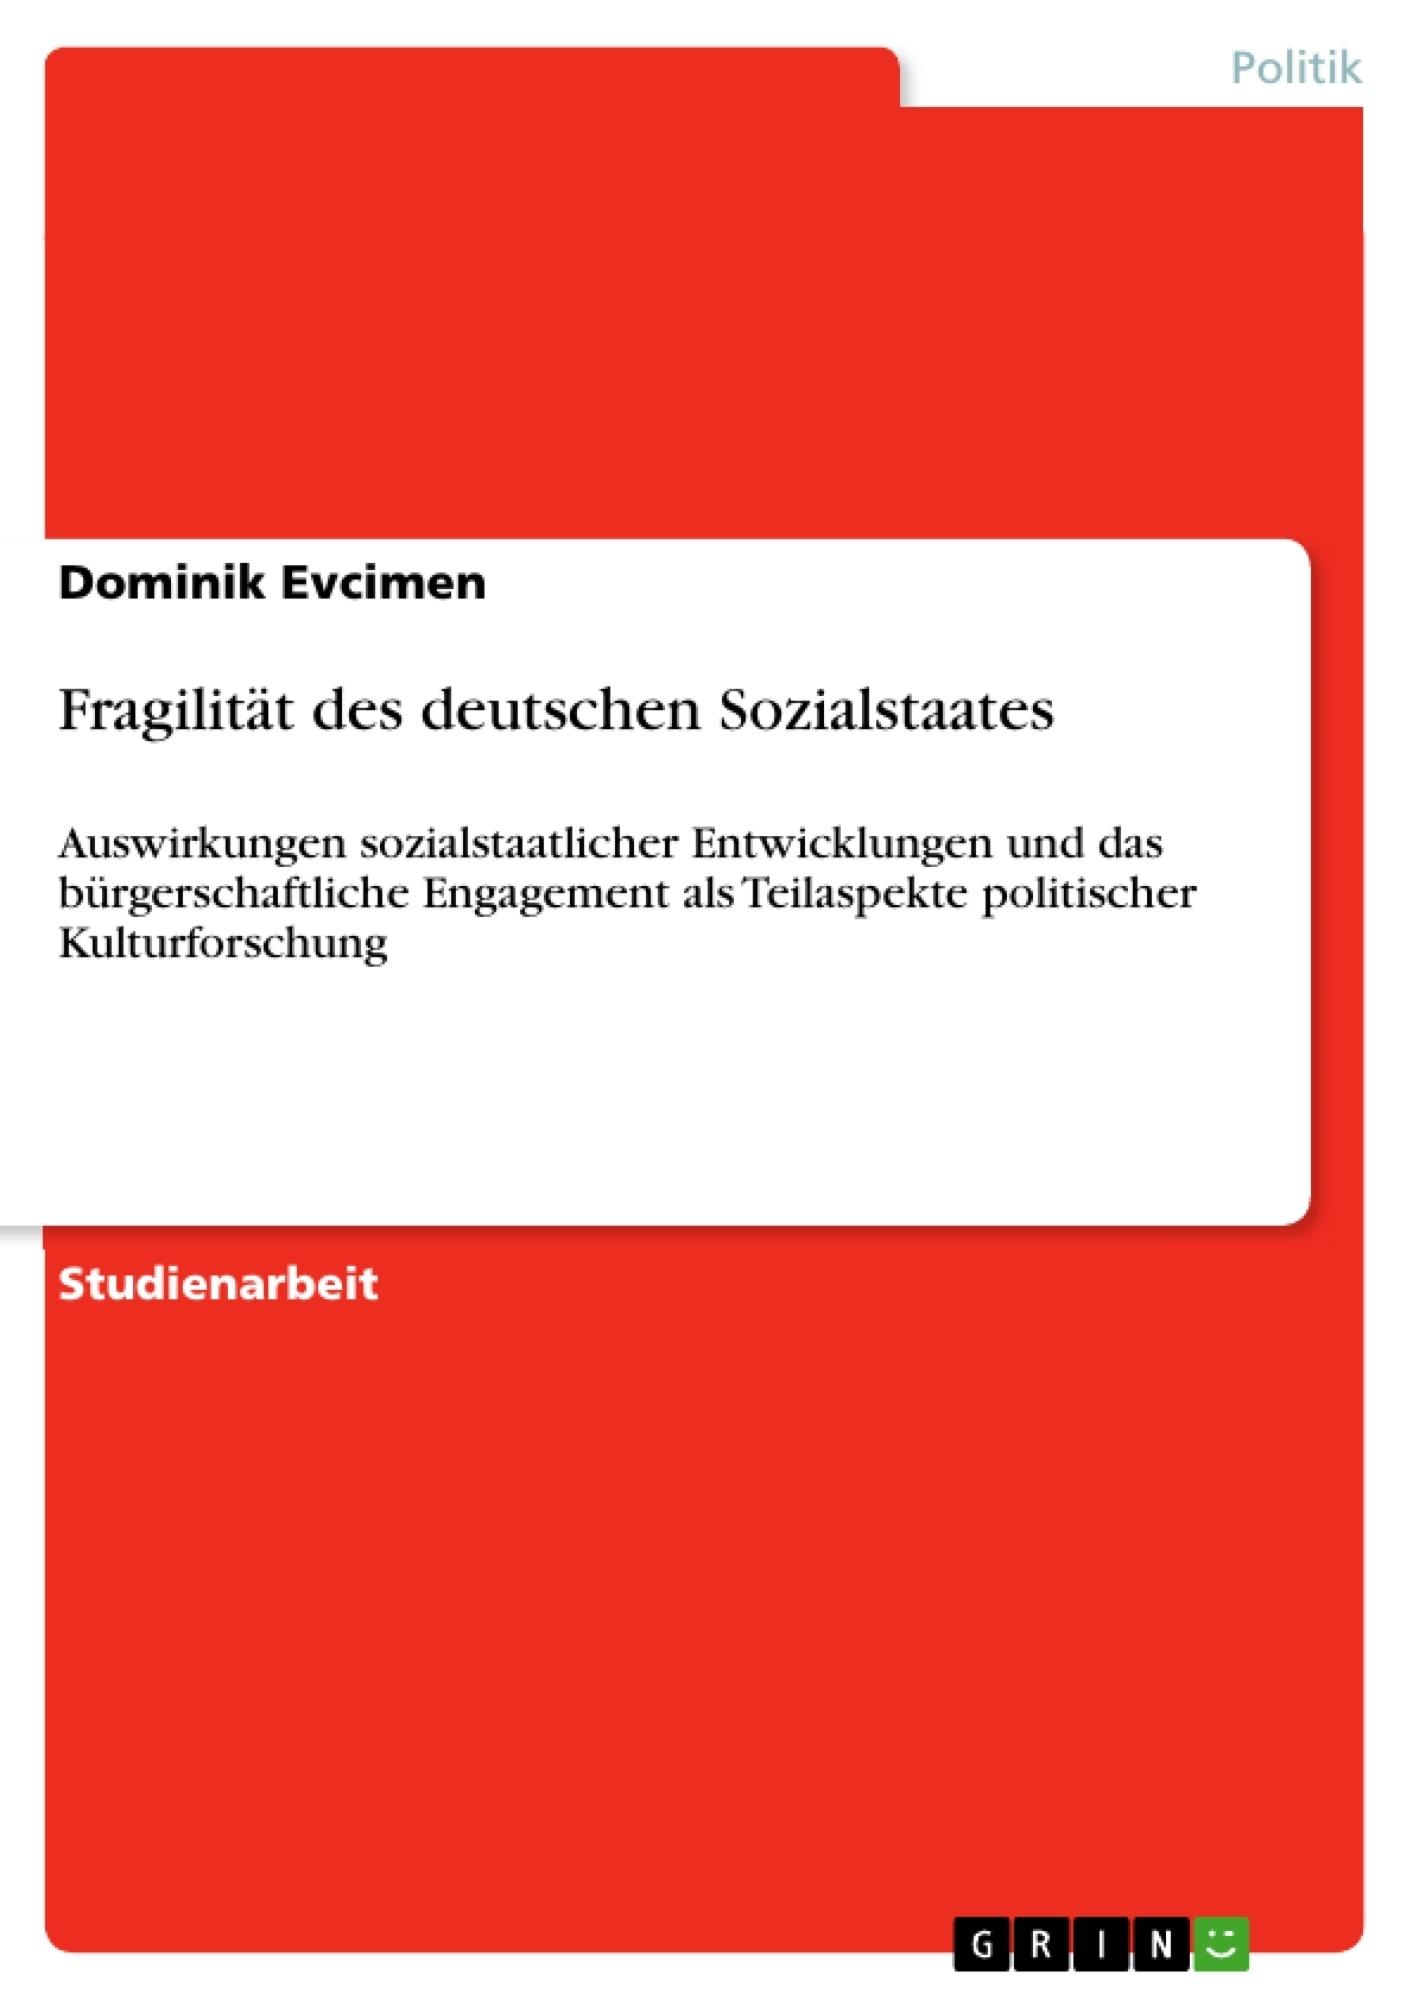 Titel: Fragilität des deutschen Sozialstaates